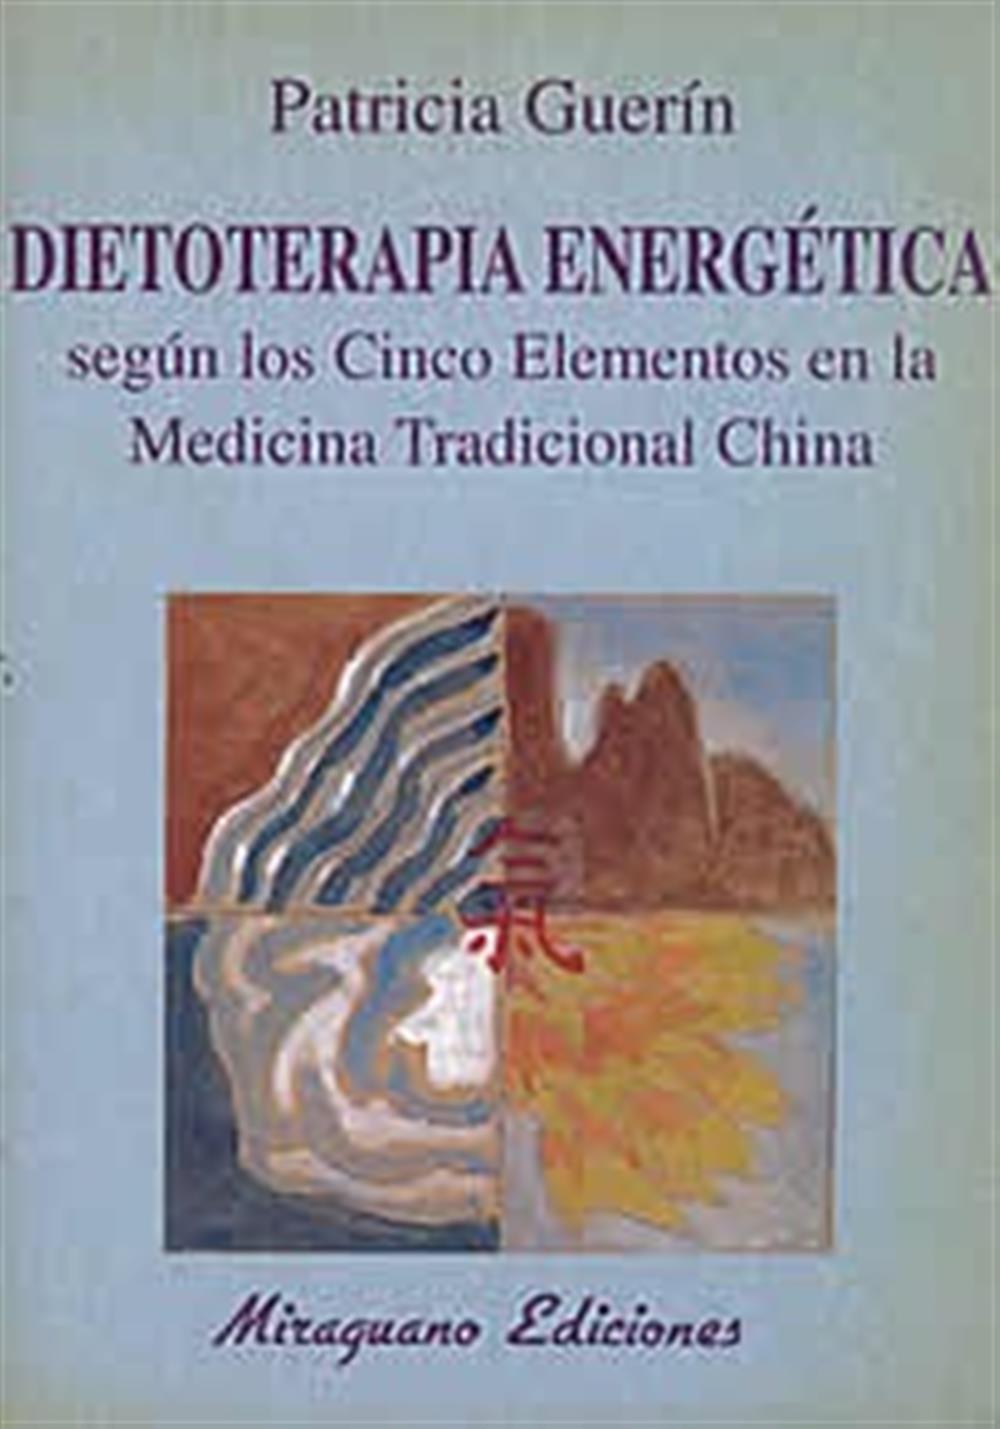 Dietoterapia Energética según los cinco Elementos en la Med.Trad. China